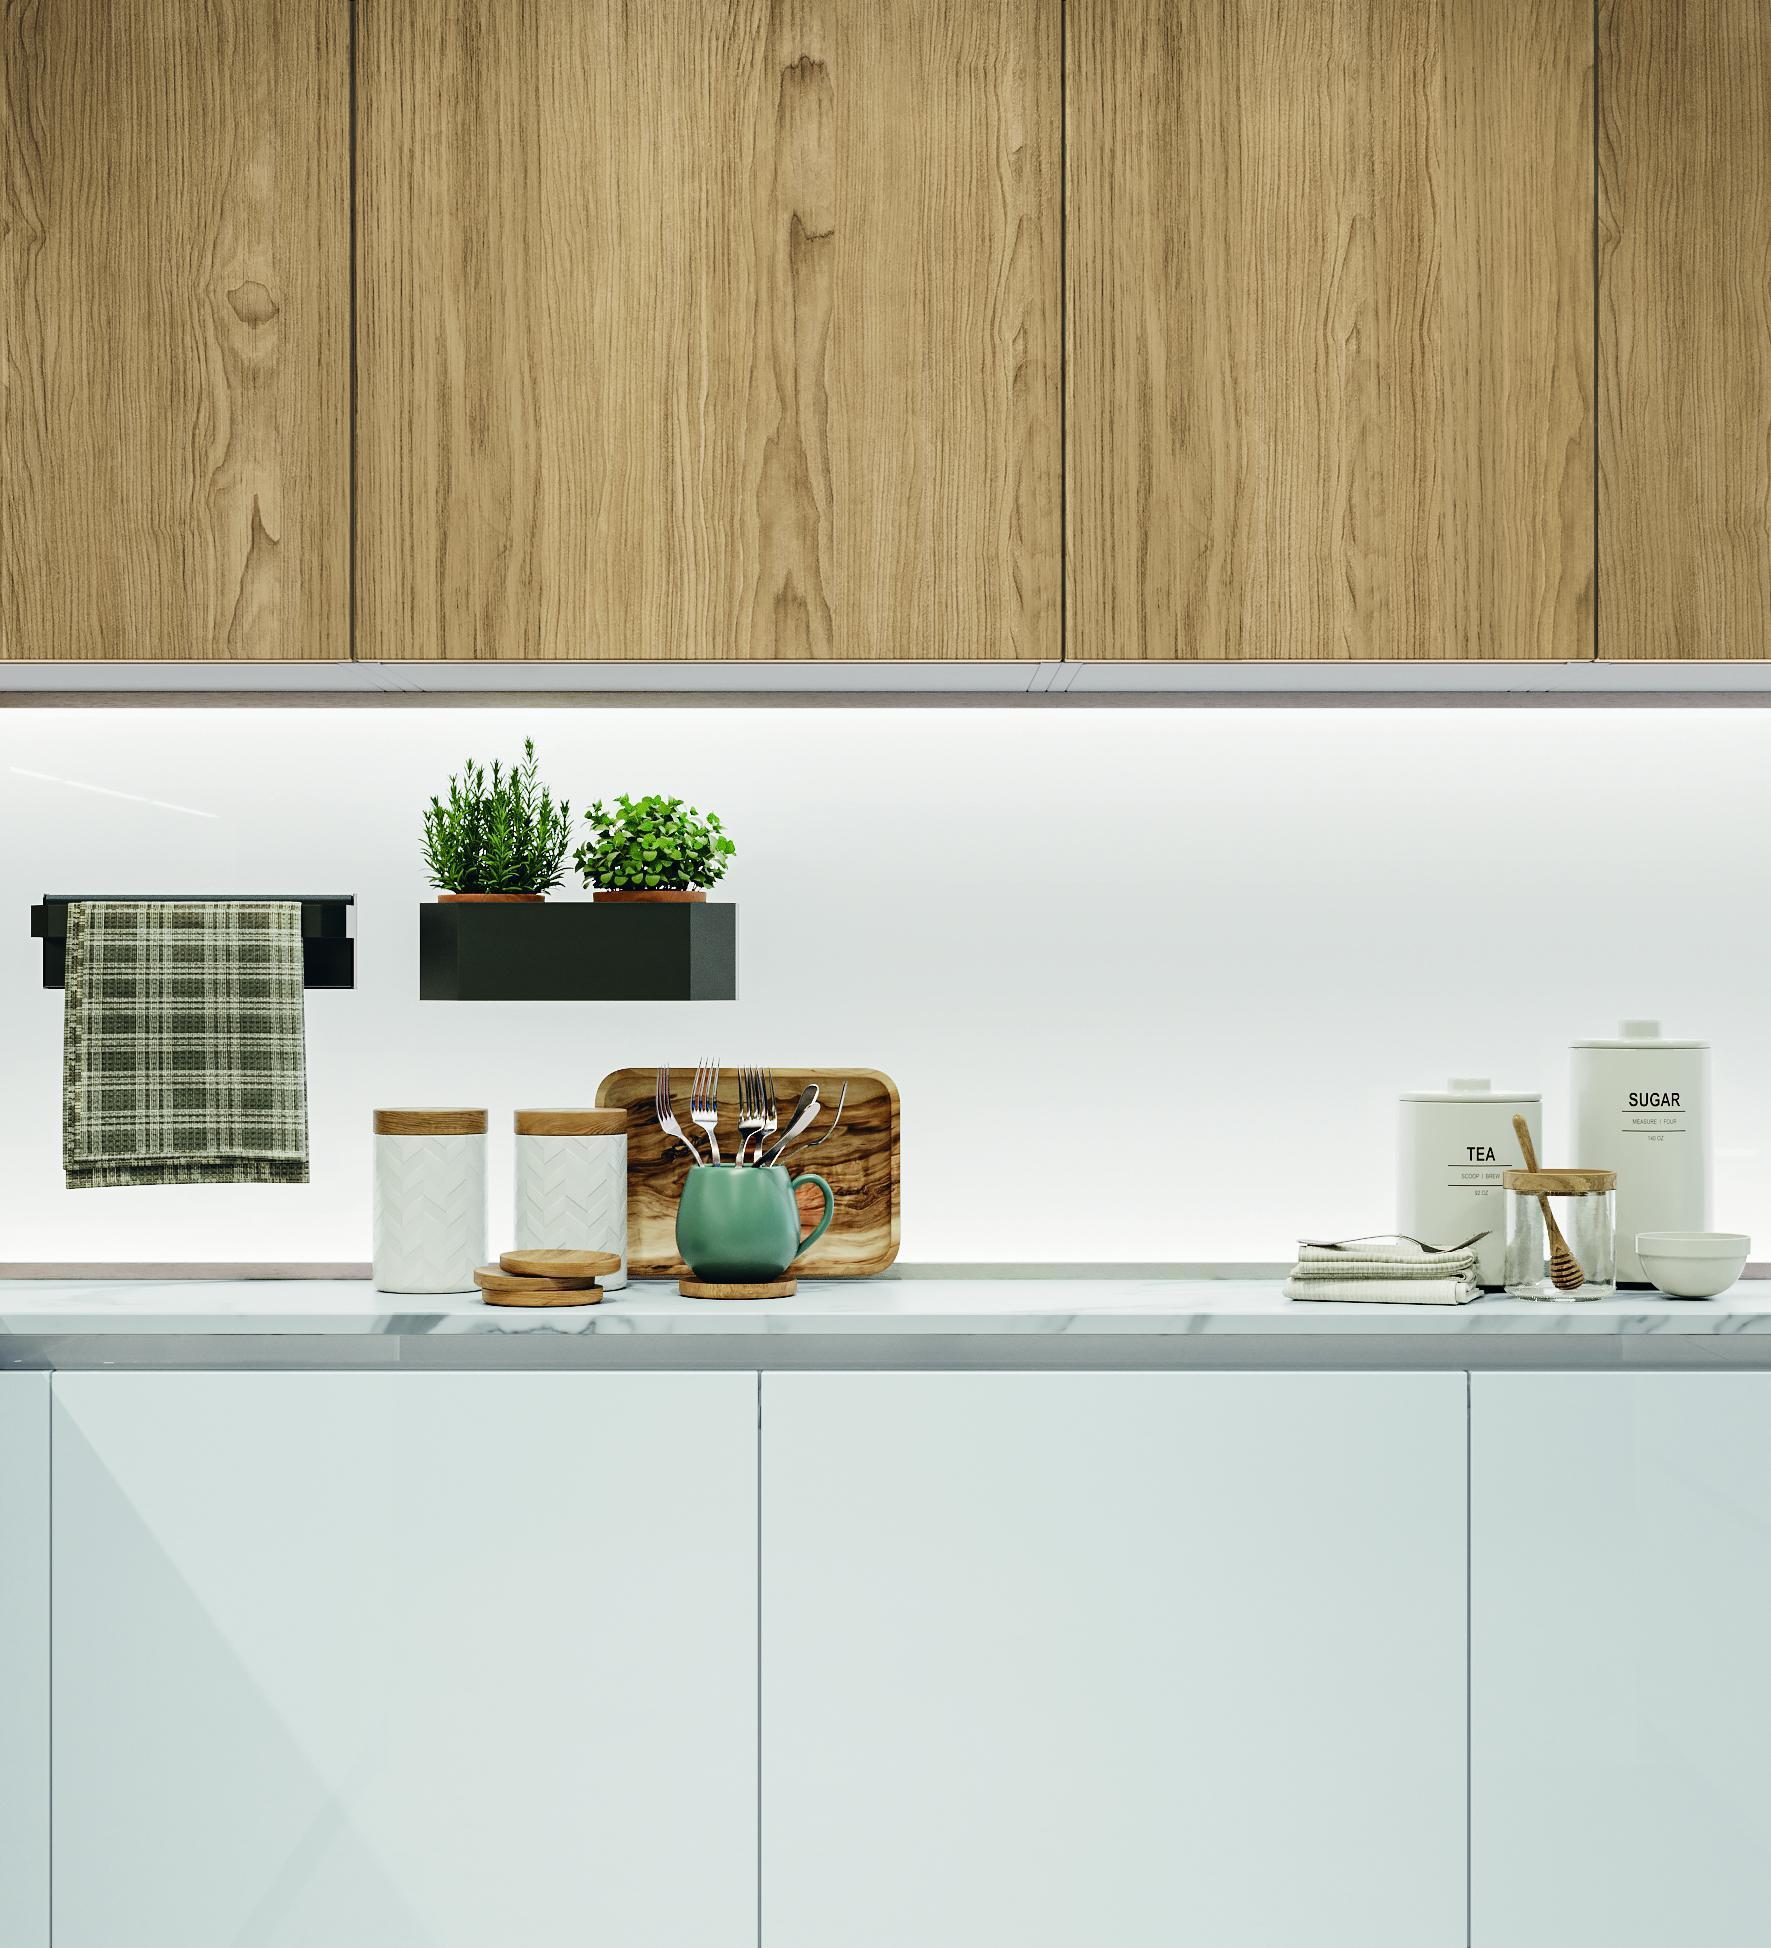 Lumina și iluminatul în bucătărie. Cum punem mobilierul în cea mai bună lumină?